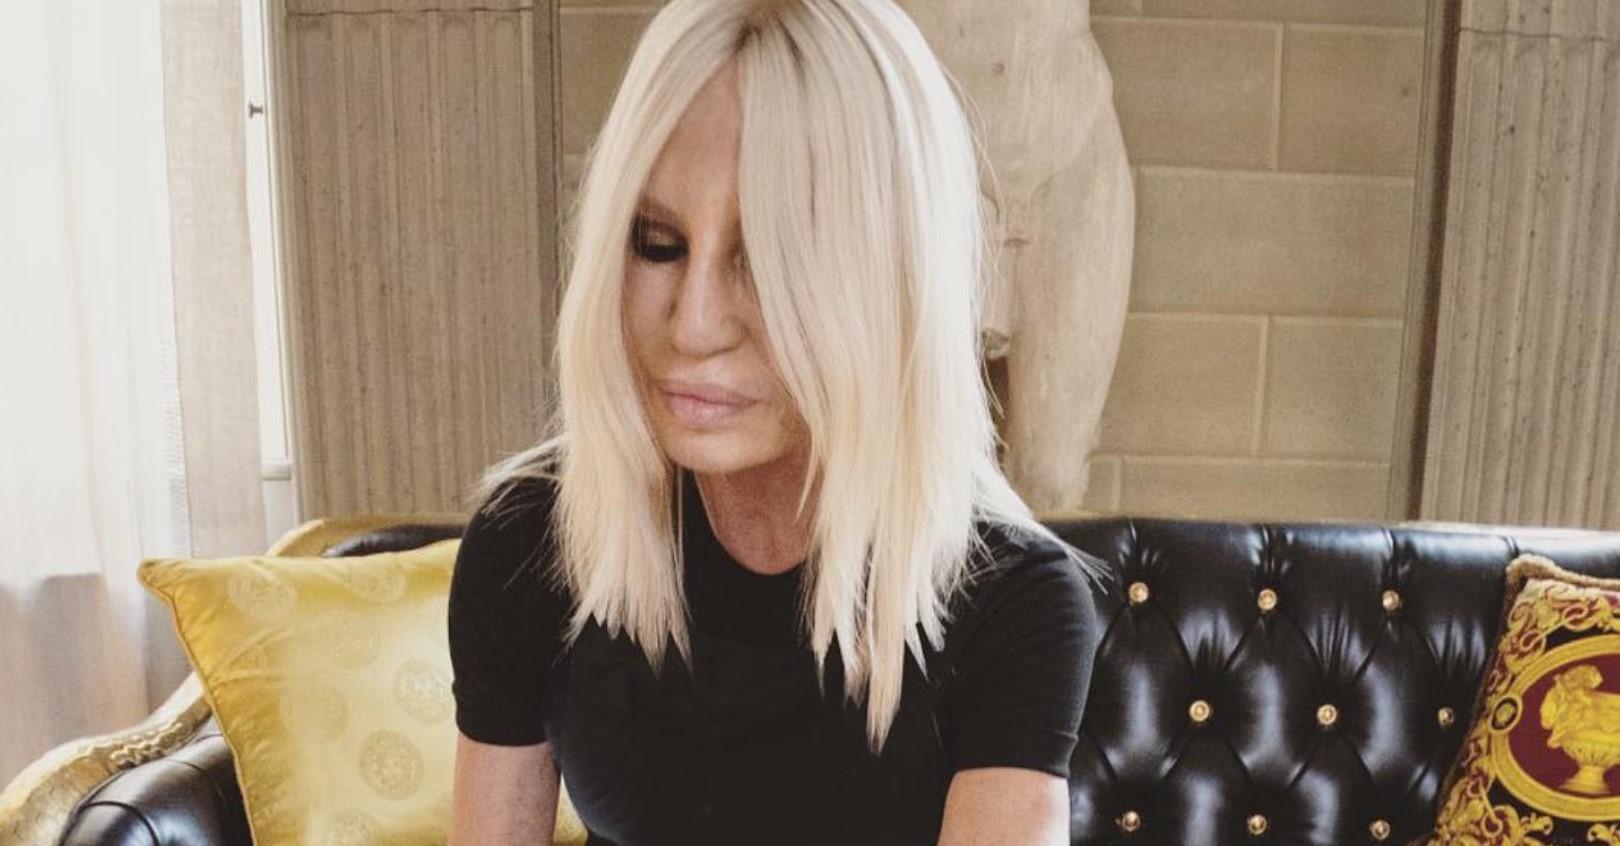 Donatella Versace, grave lutto per la stilista